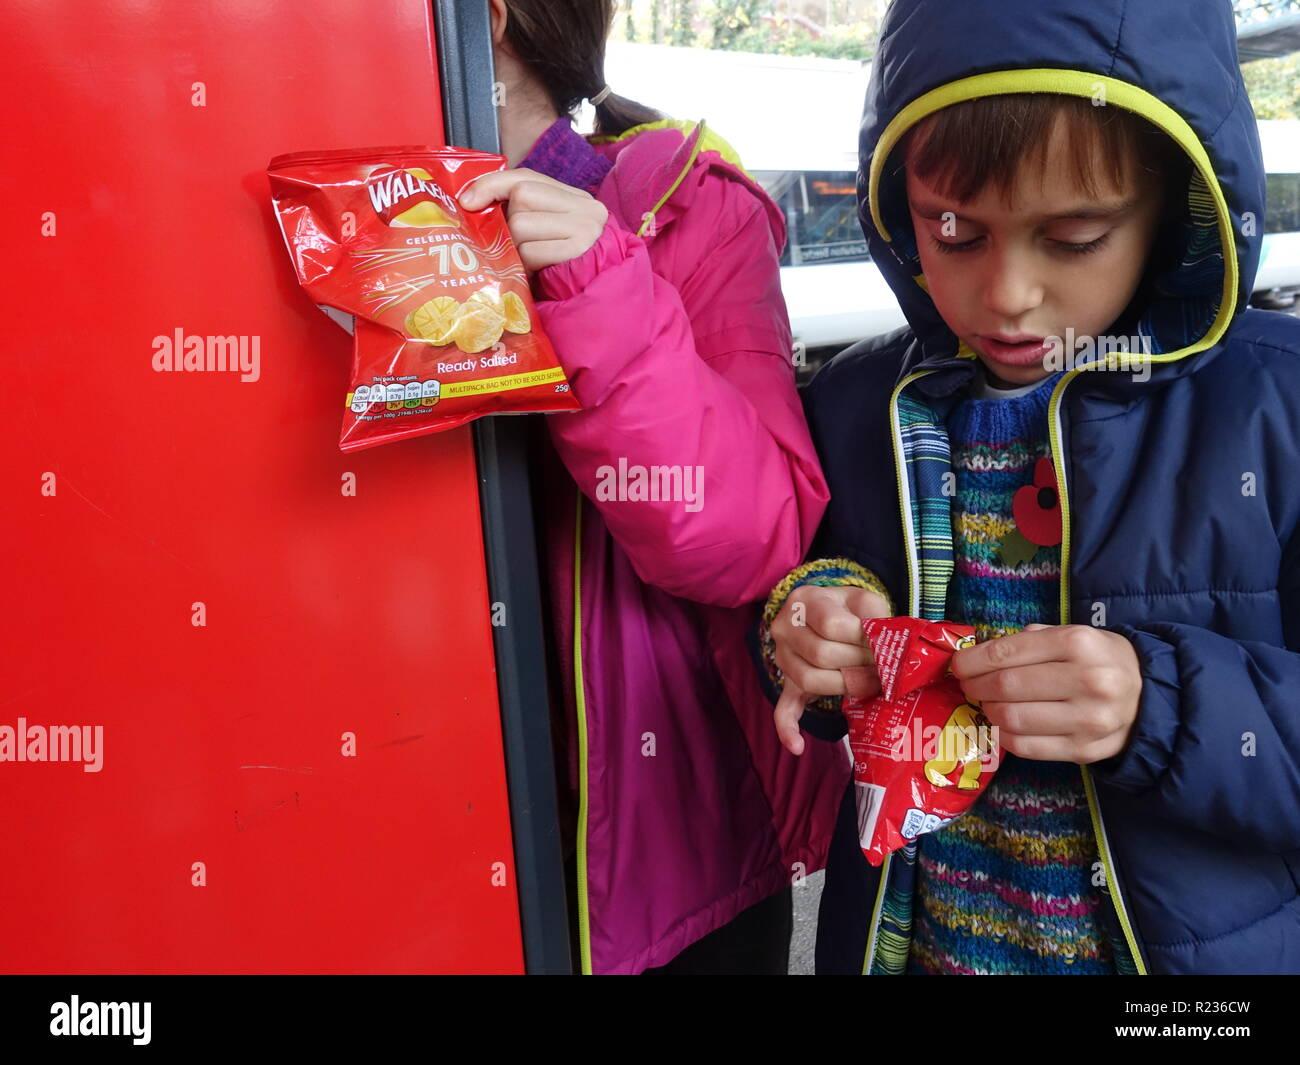 Children eating crisps Stock Photo